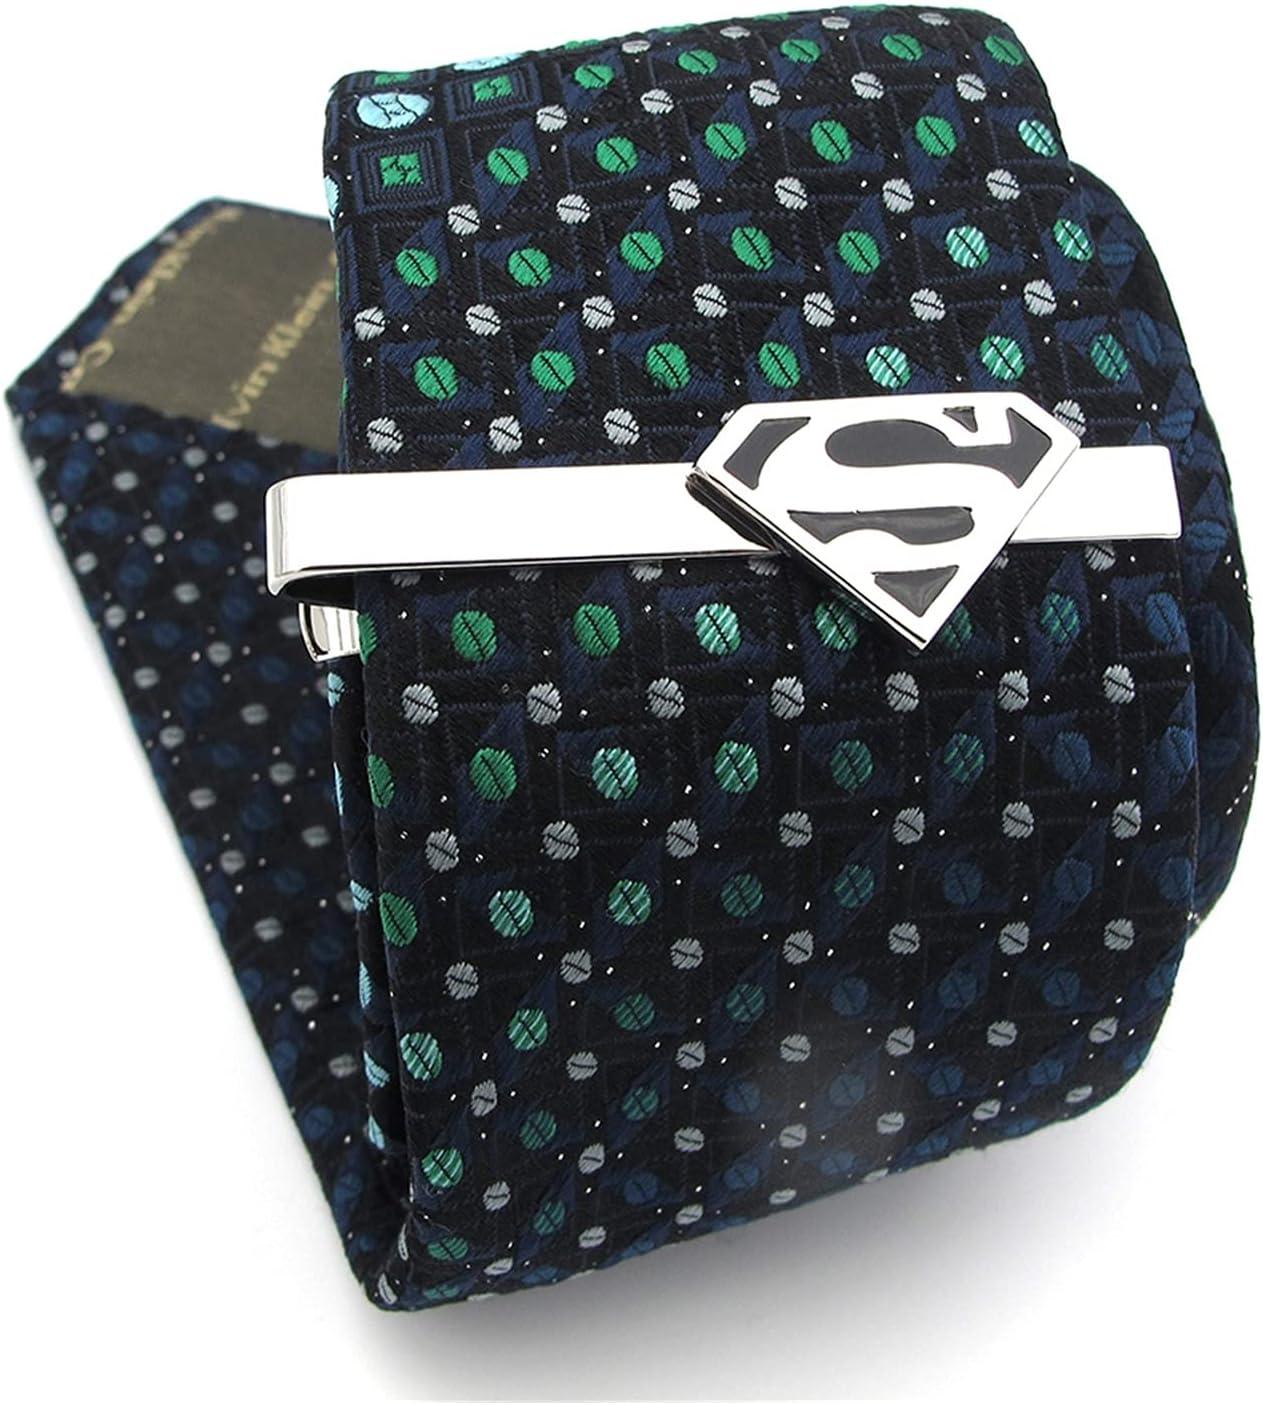 Tie Clips Men's Super Heroes Tie Clips Copper Material Black Color Movie Design Tie Bar